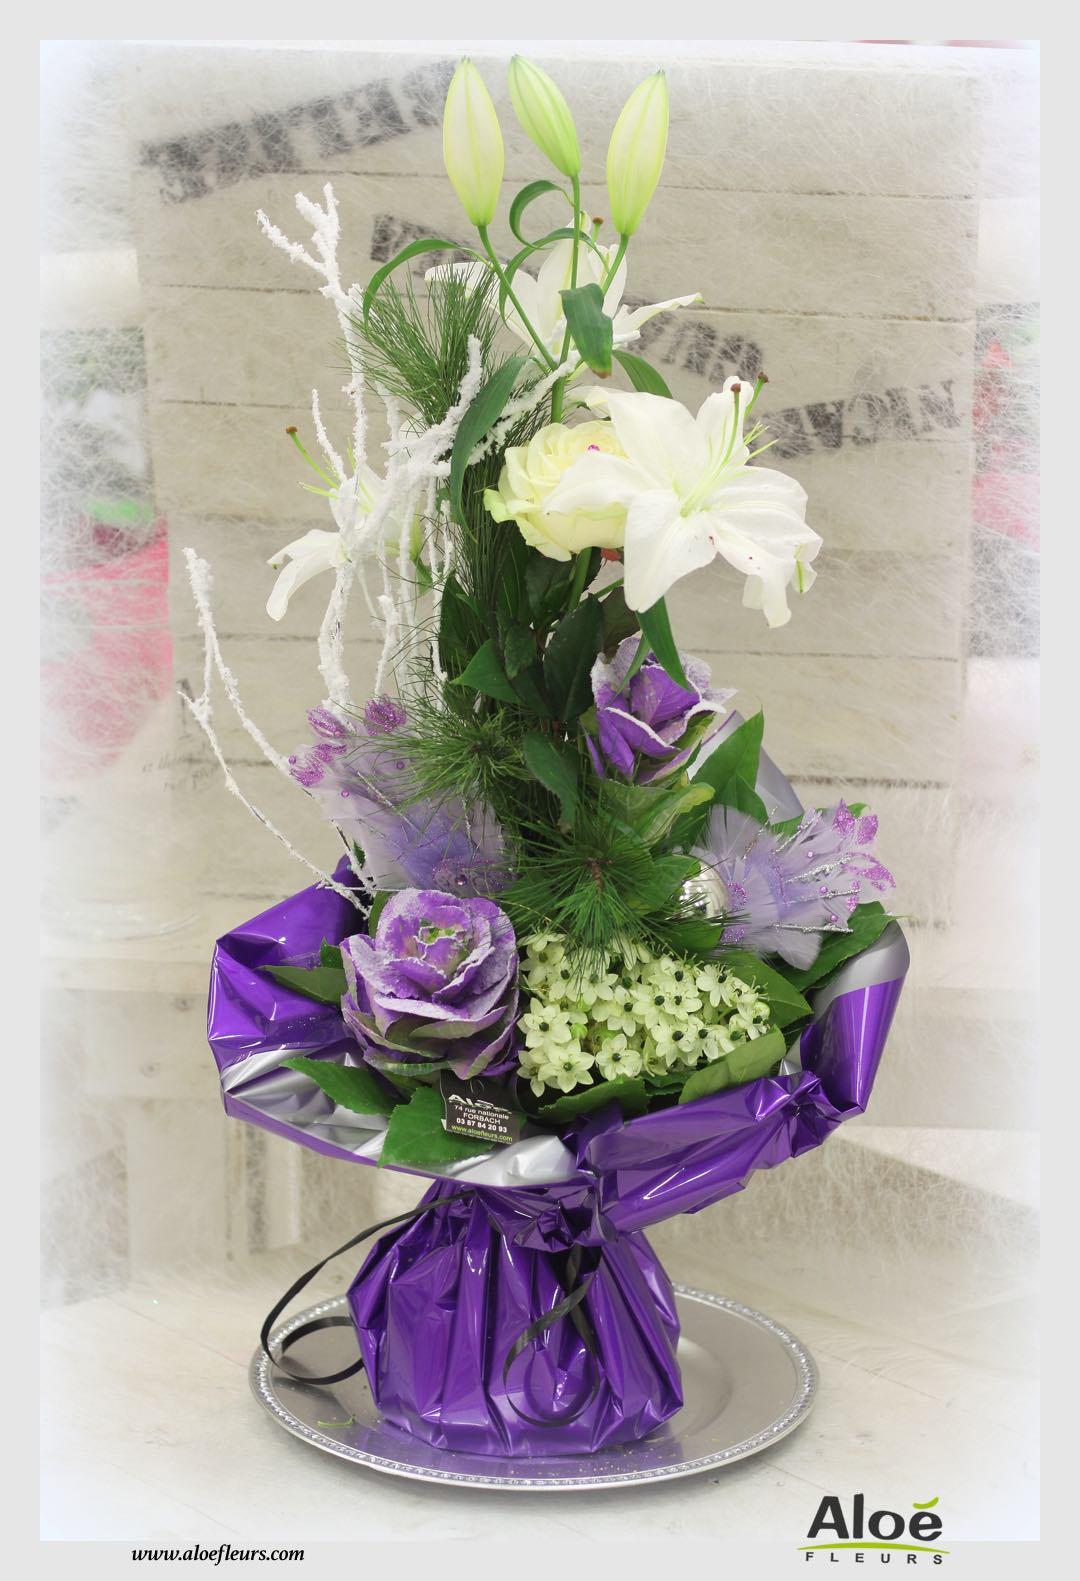 bouquet bulle d 39 eau d coration florale de noel alo fleurs5 aloe fleurs. Black Bedroom Furniture Sets. Home Design Ideas